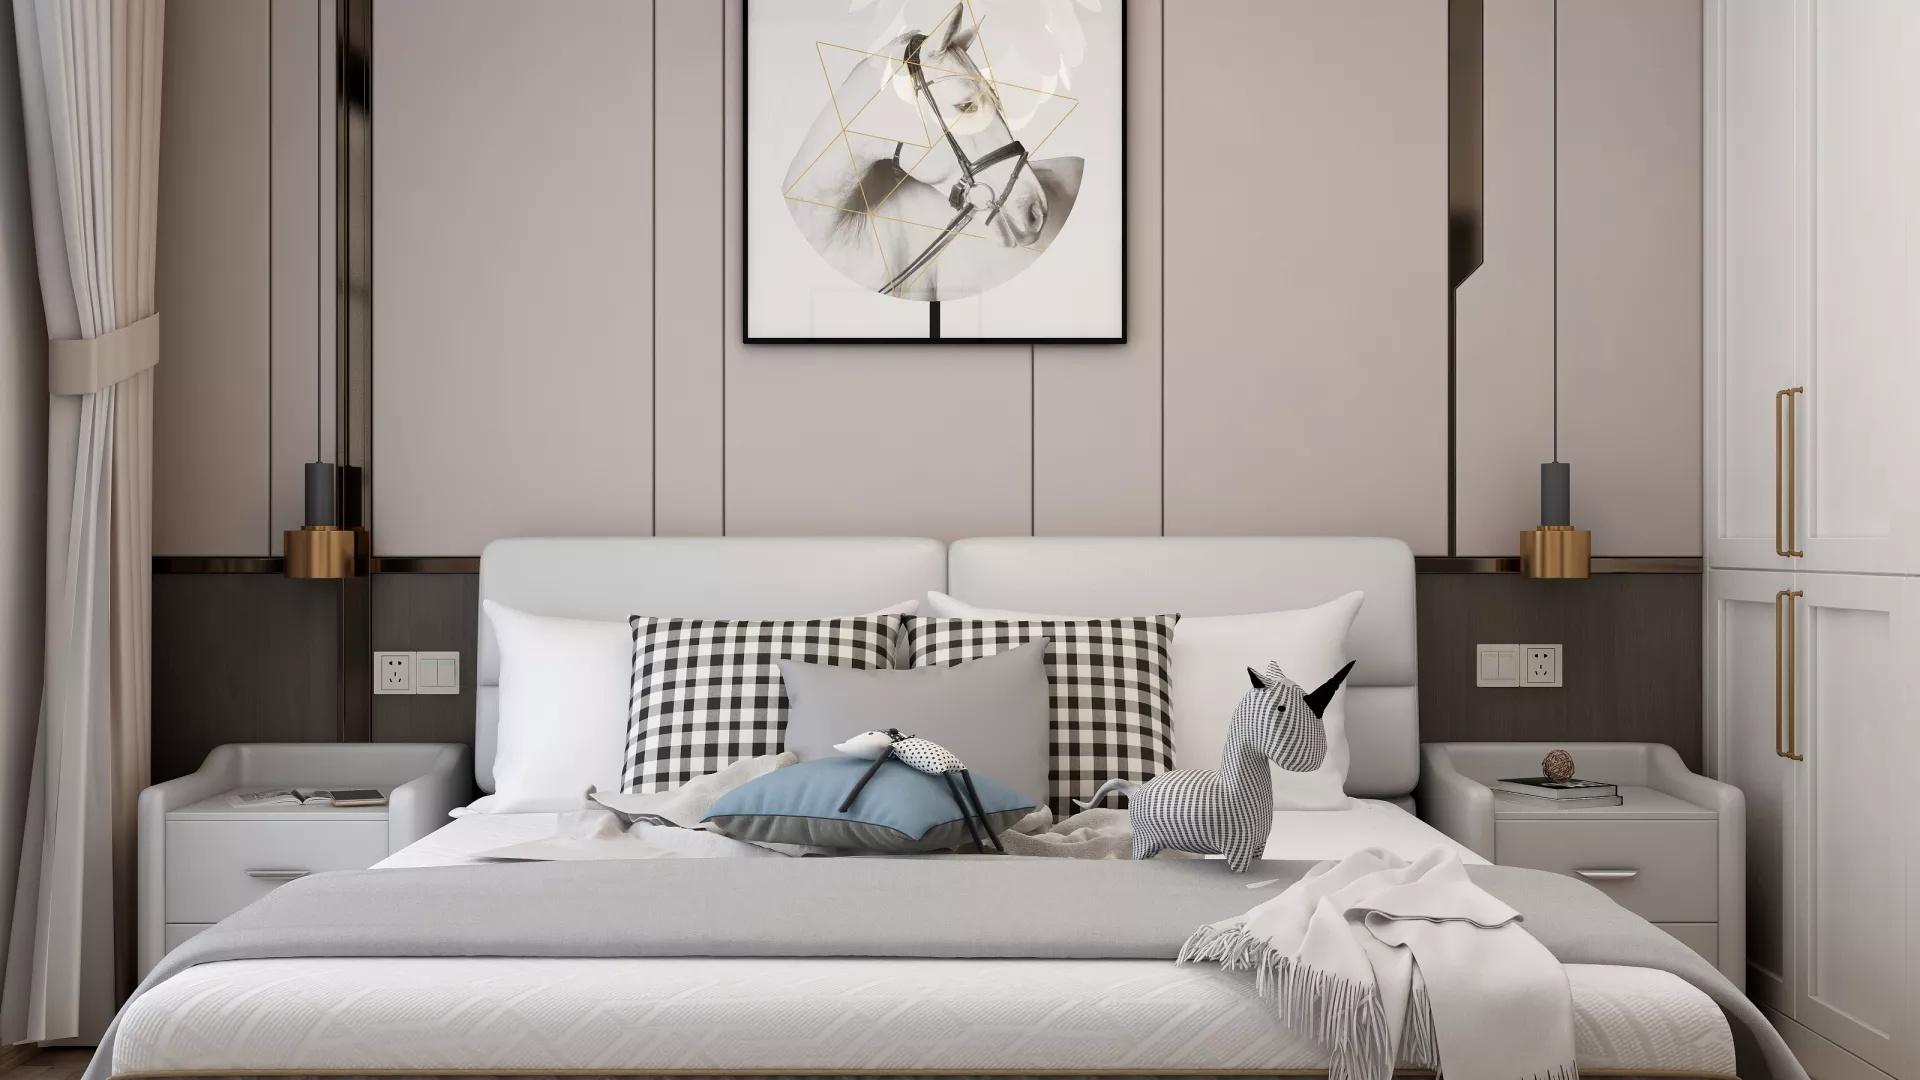 65㎡小二居北欧风格暖色调客厅装修效果图